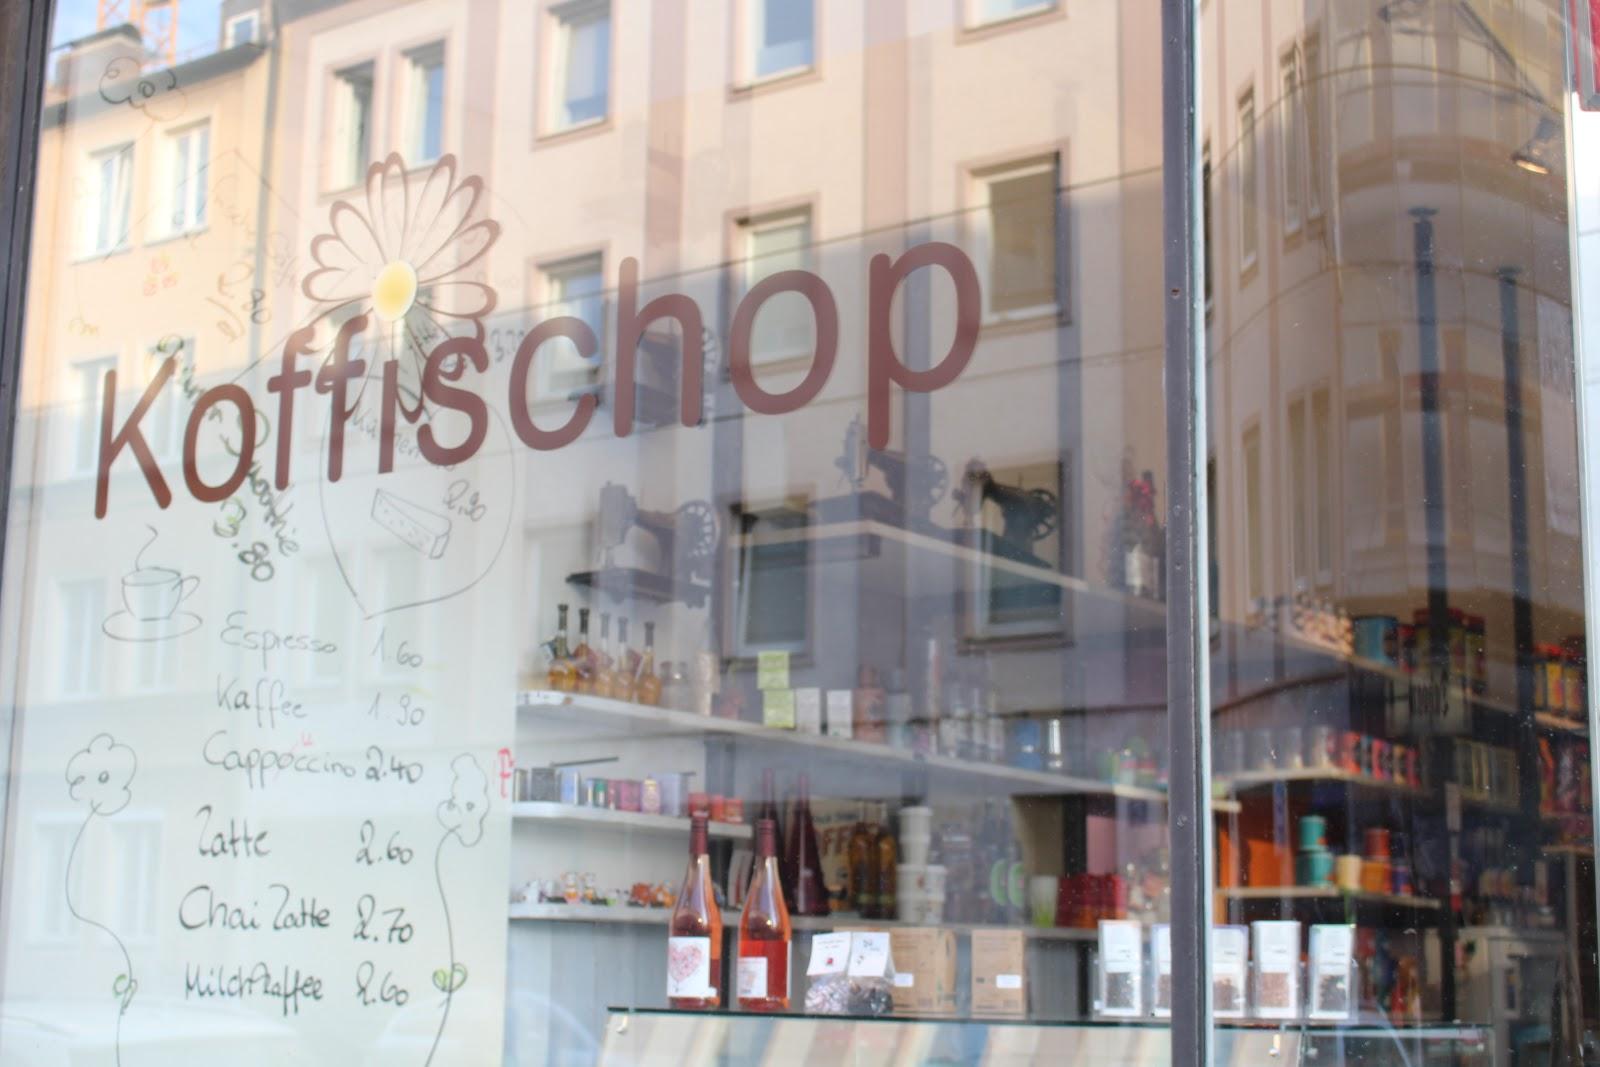 Koffischop | München